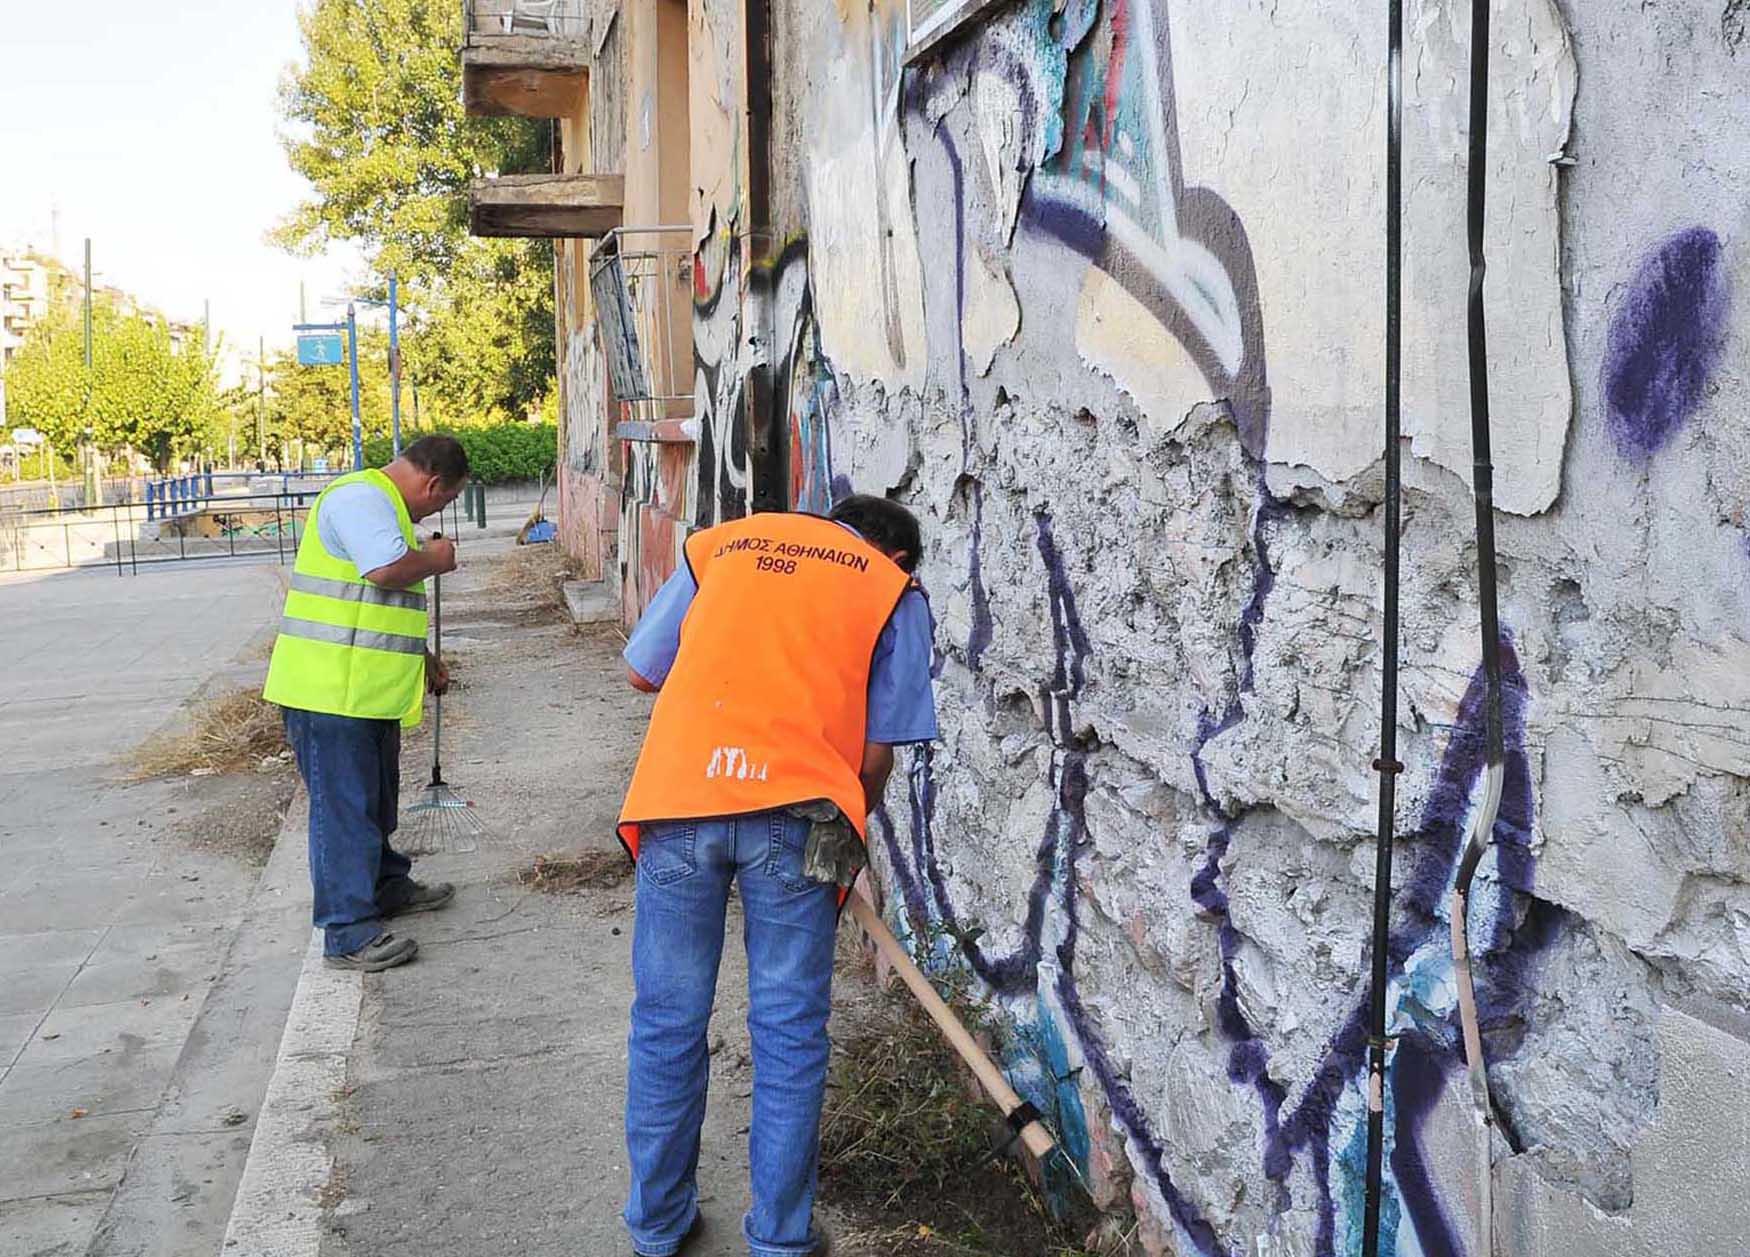 ΑΣΕΠ-8.171 μόνιμοι καθαριότητας: Πού «κόλλησε» ο διαγωνισμός –Πίνακας με δήμους-ειδικότητες